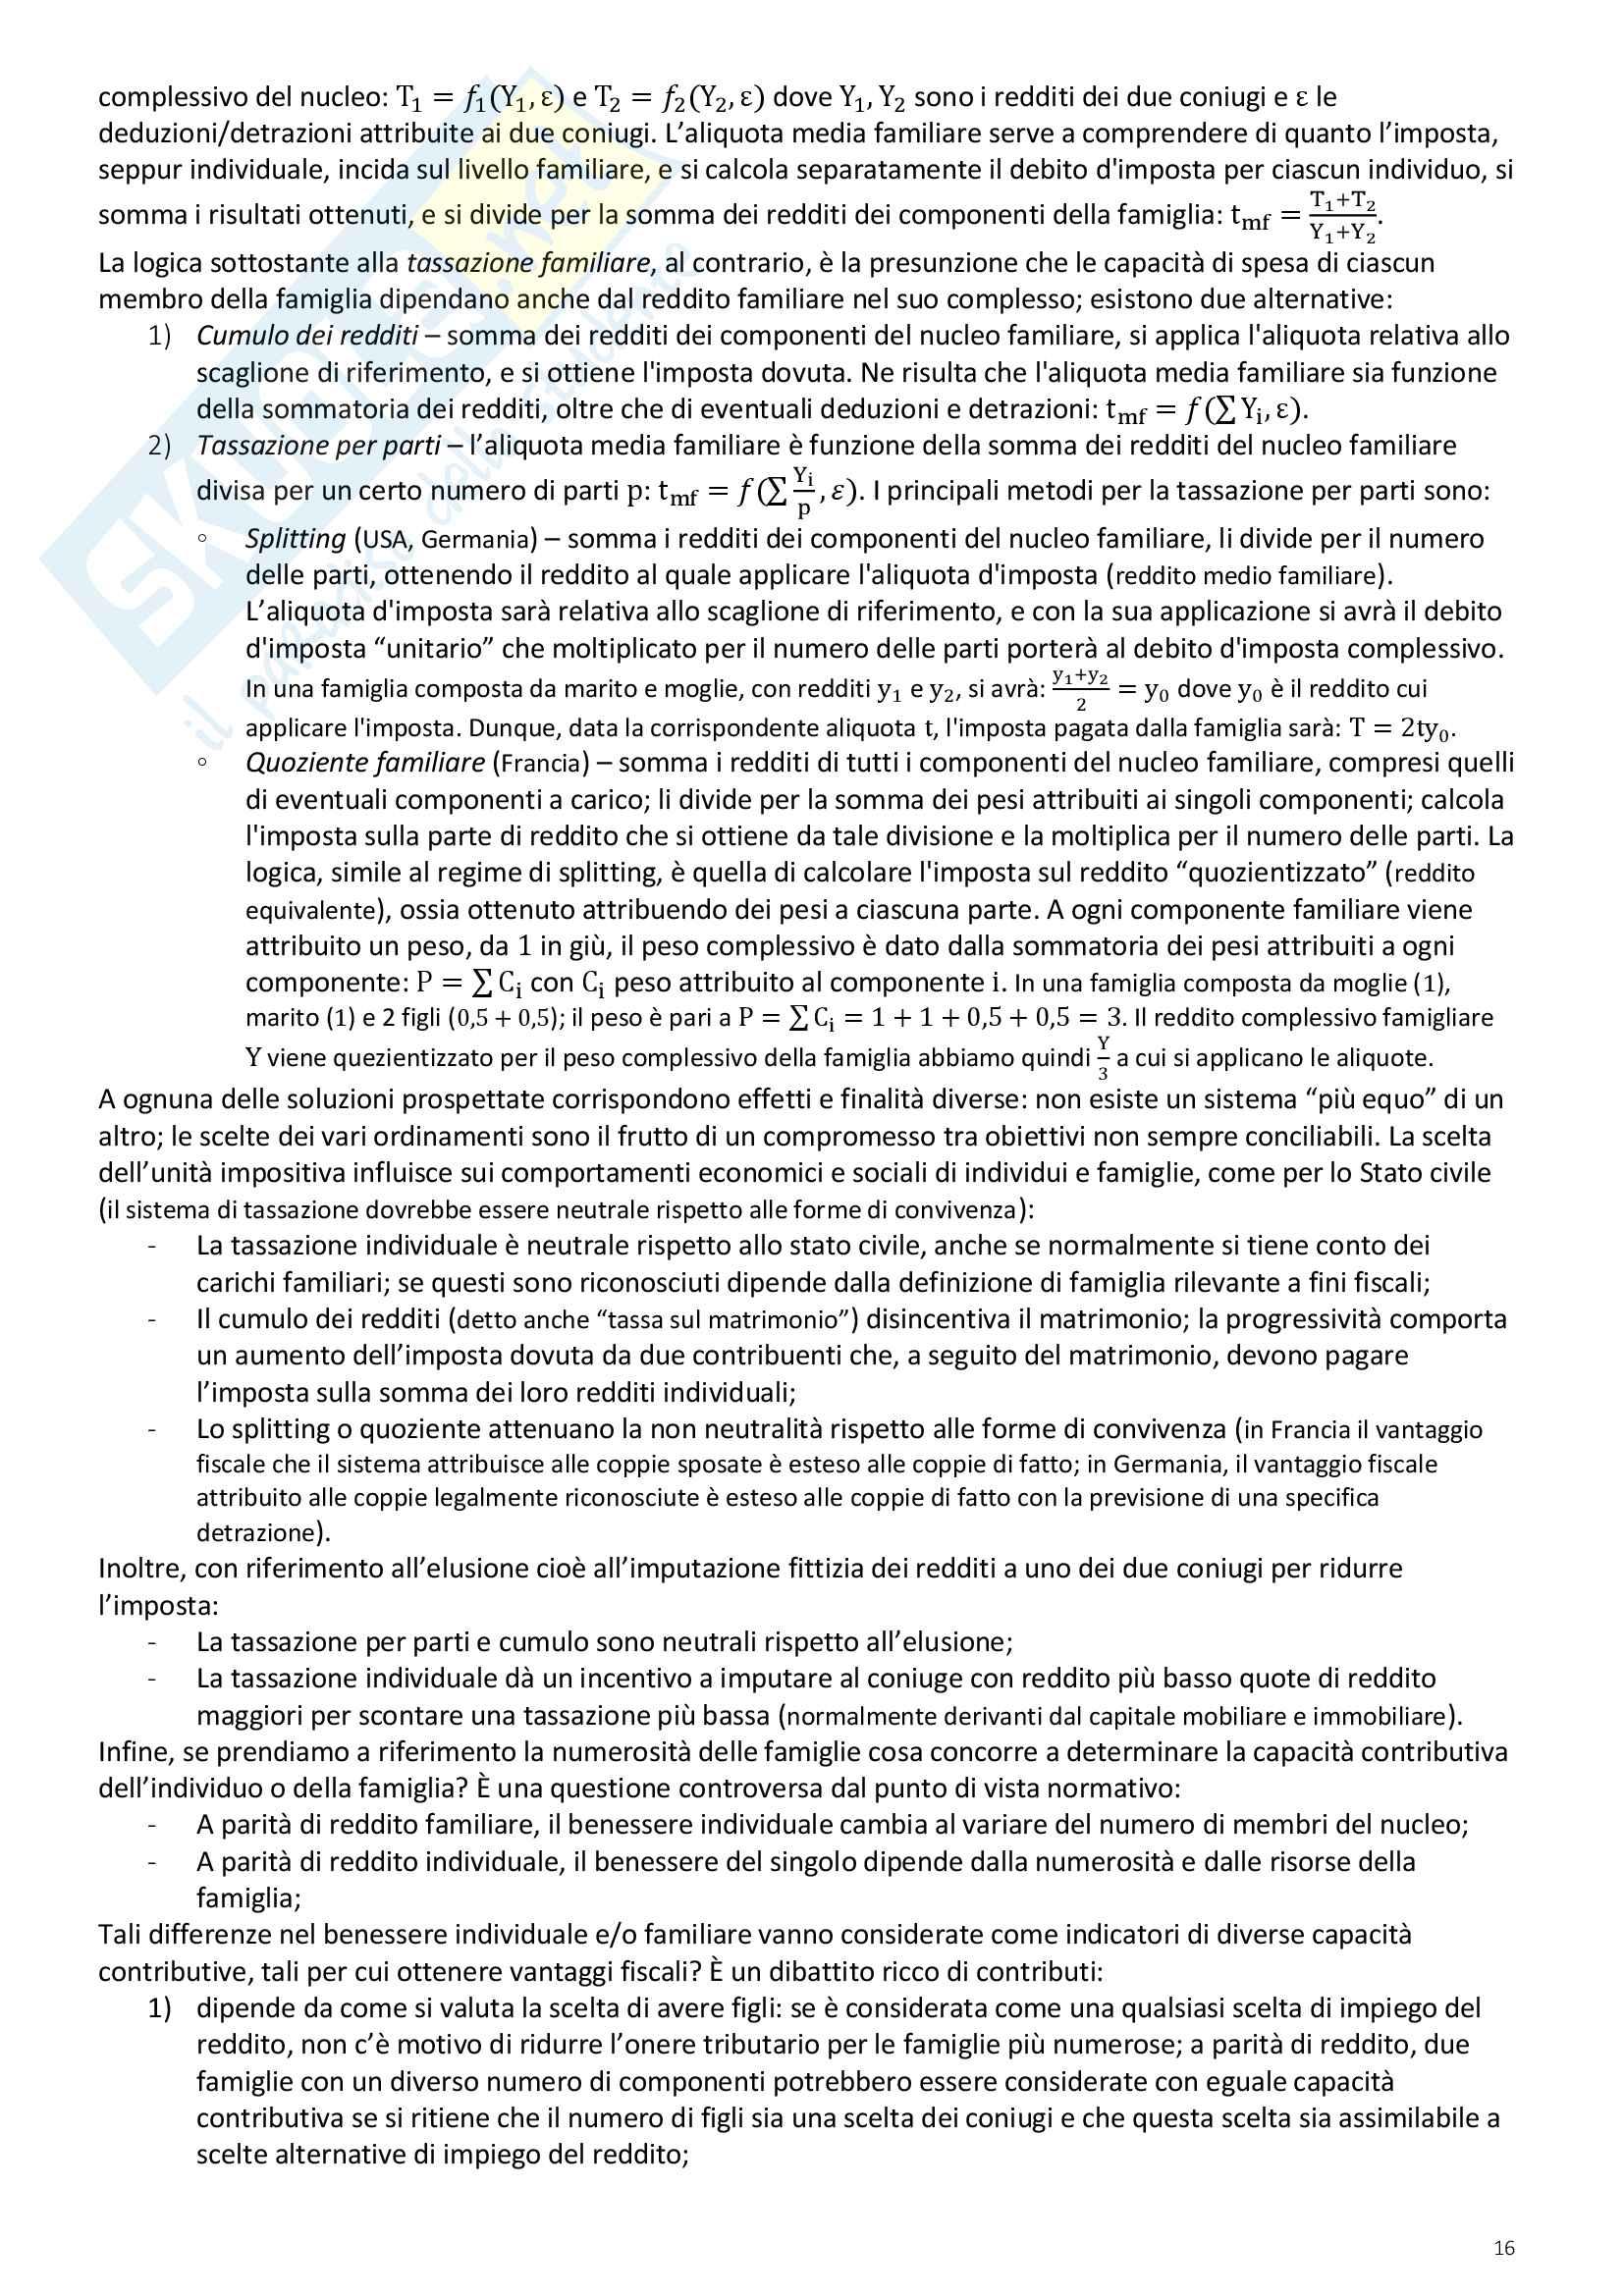 """Riassunto esame Scienze delle Finanze, prof. Ambrosanio, libro consigliato """"Elementi di Scienza delle finanze"""" di Artoni Pag. 16"""